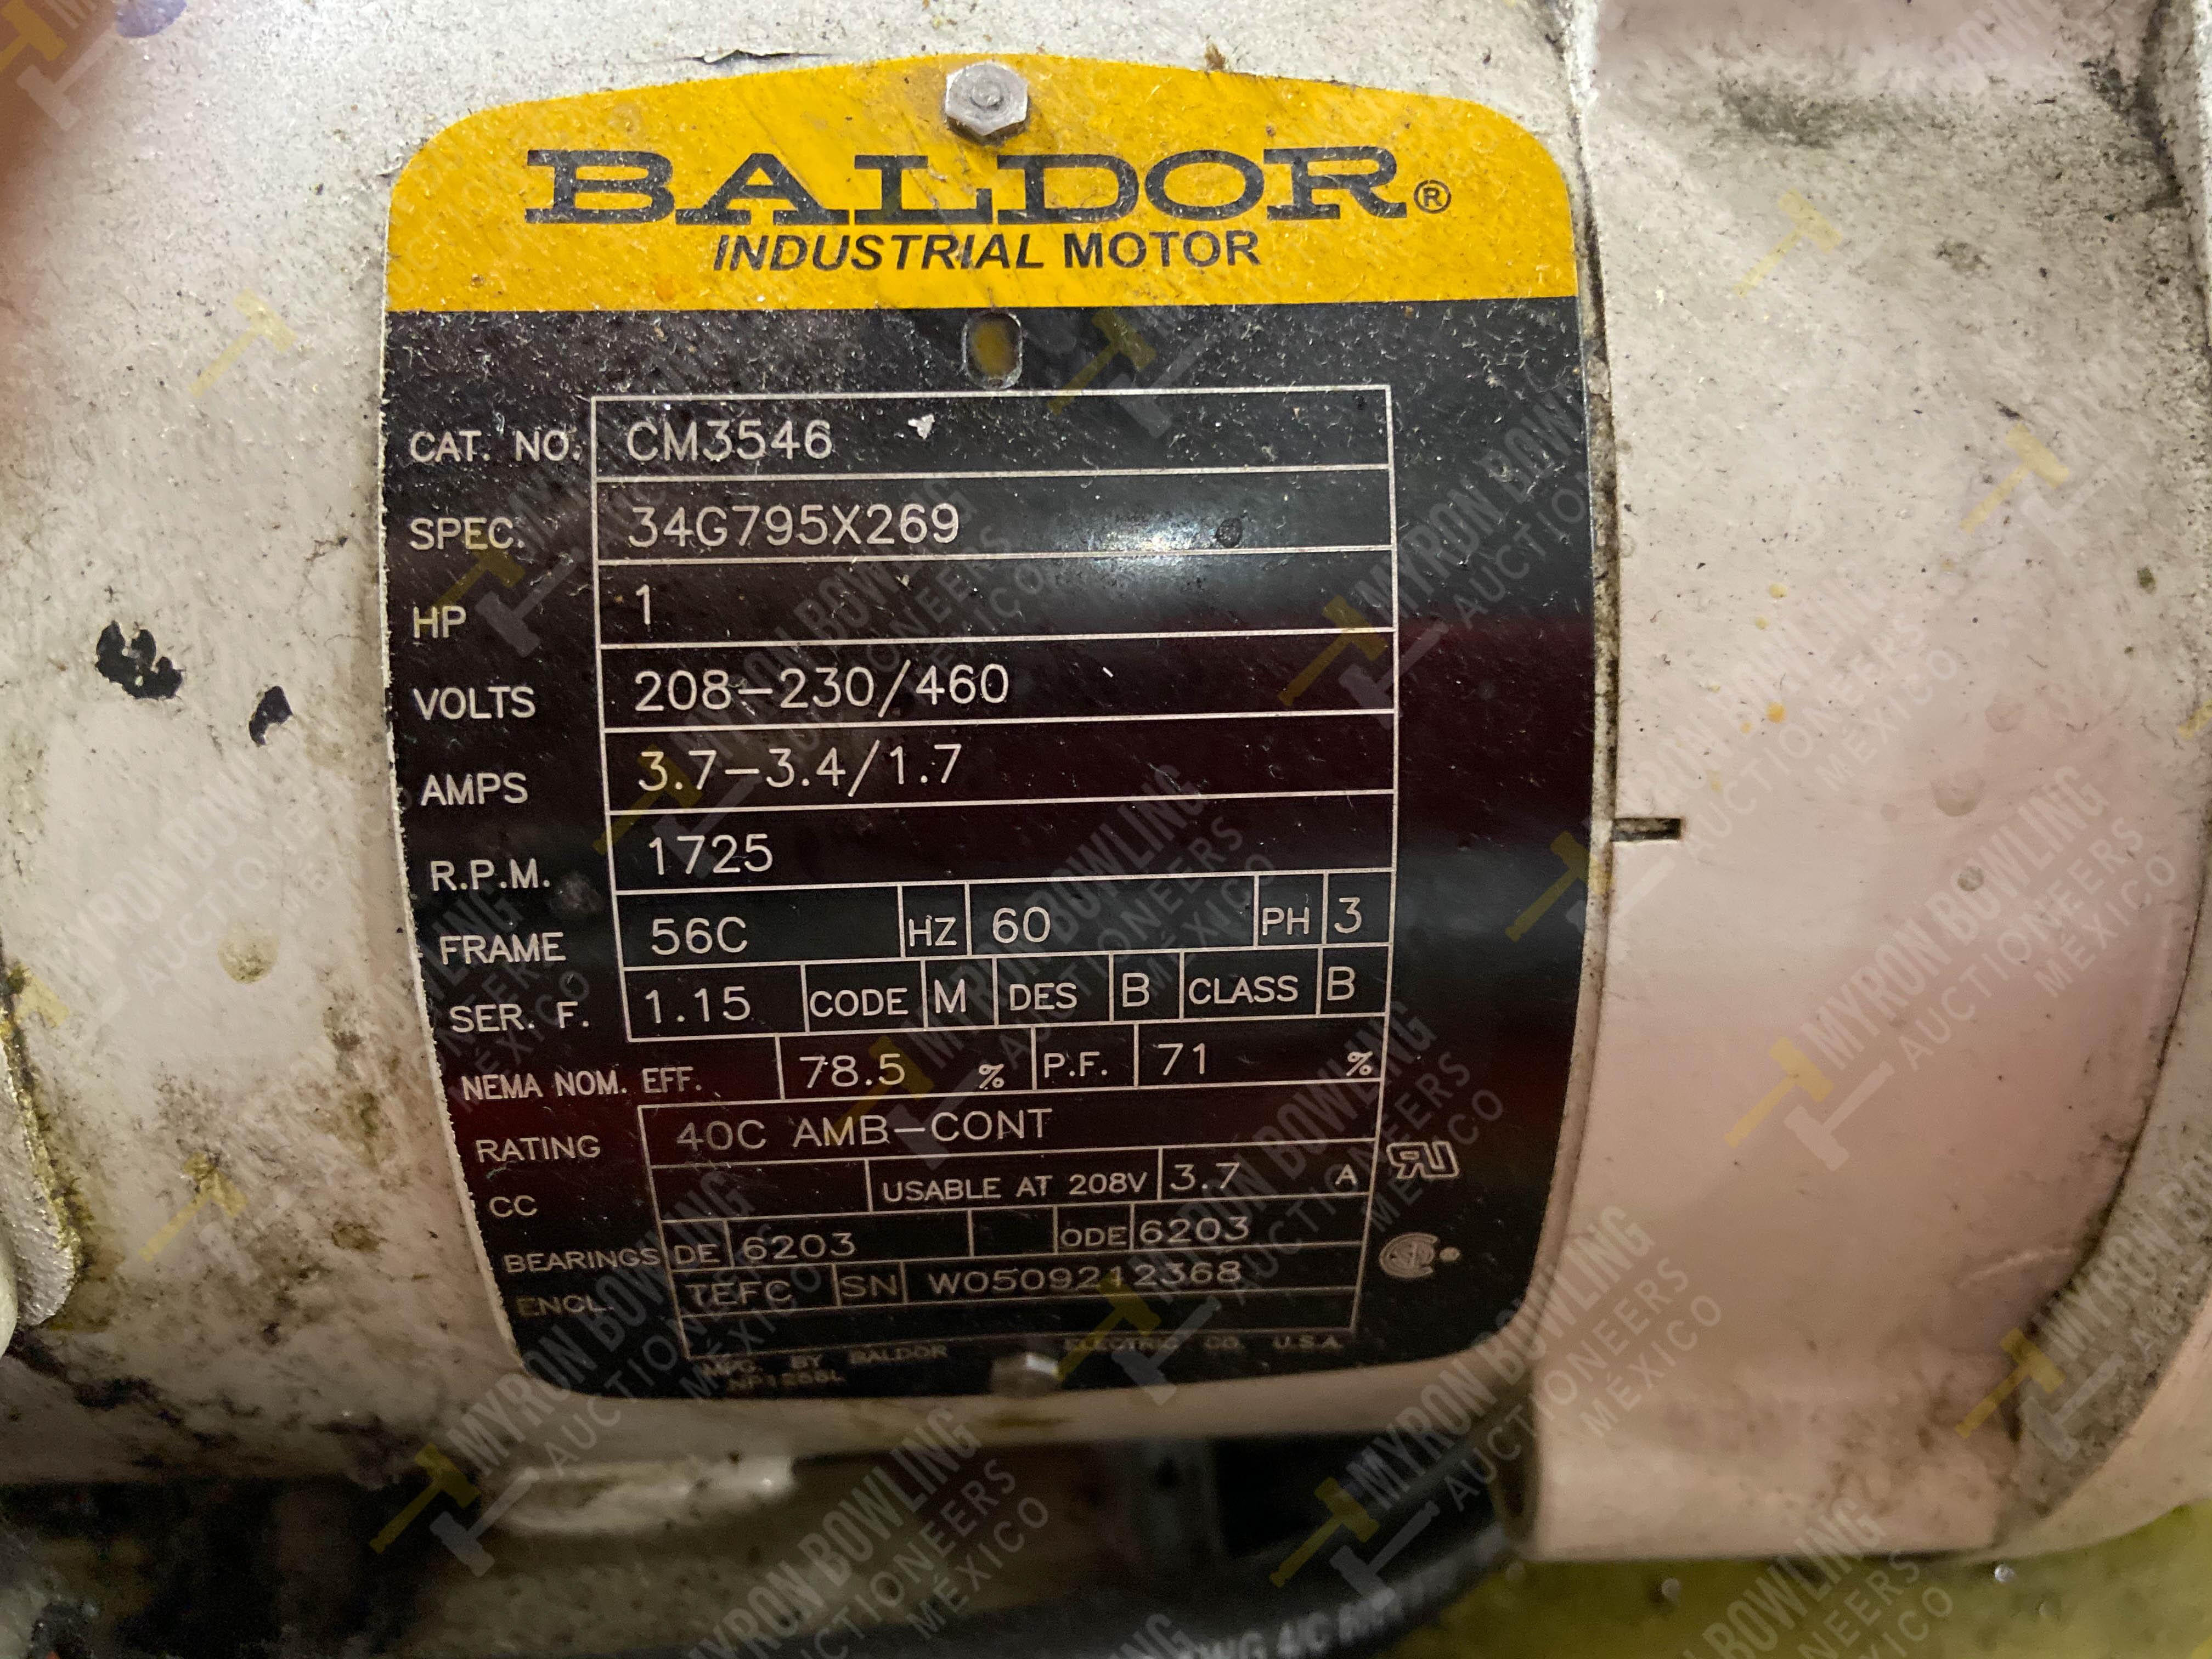 Bomba de aceite y filtros para el llenado de housings en lote 30 y 31. - Image 27 of 30